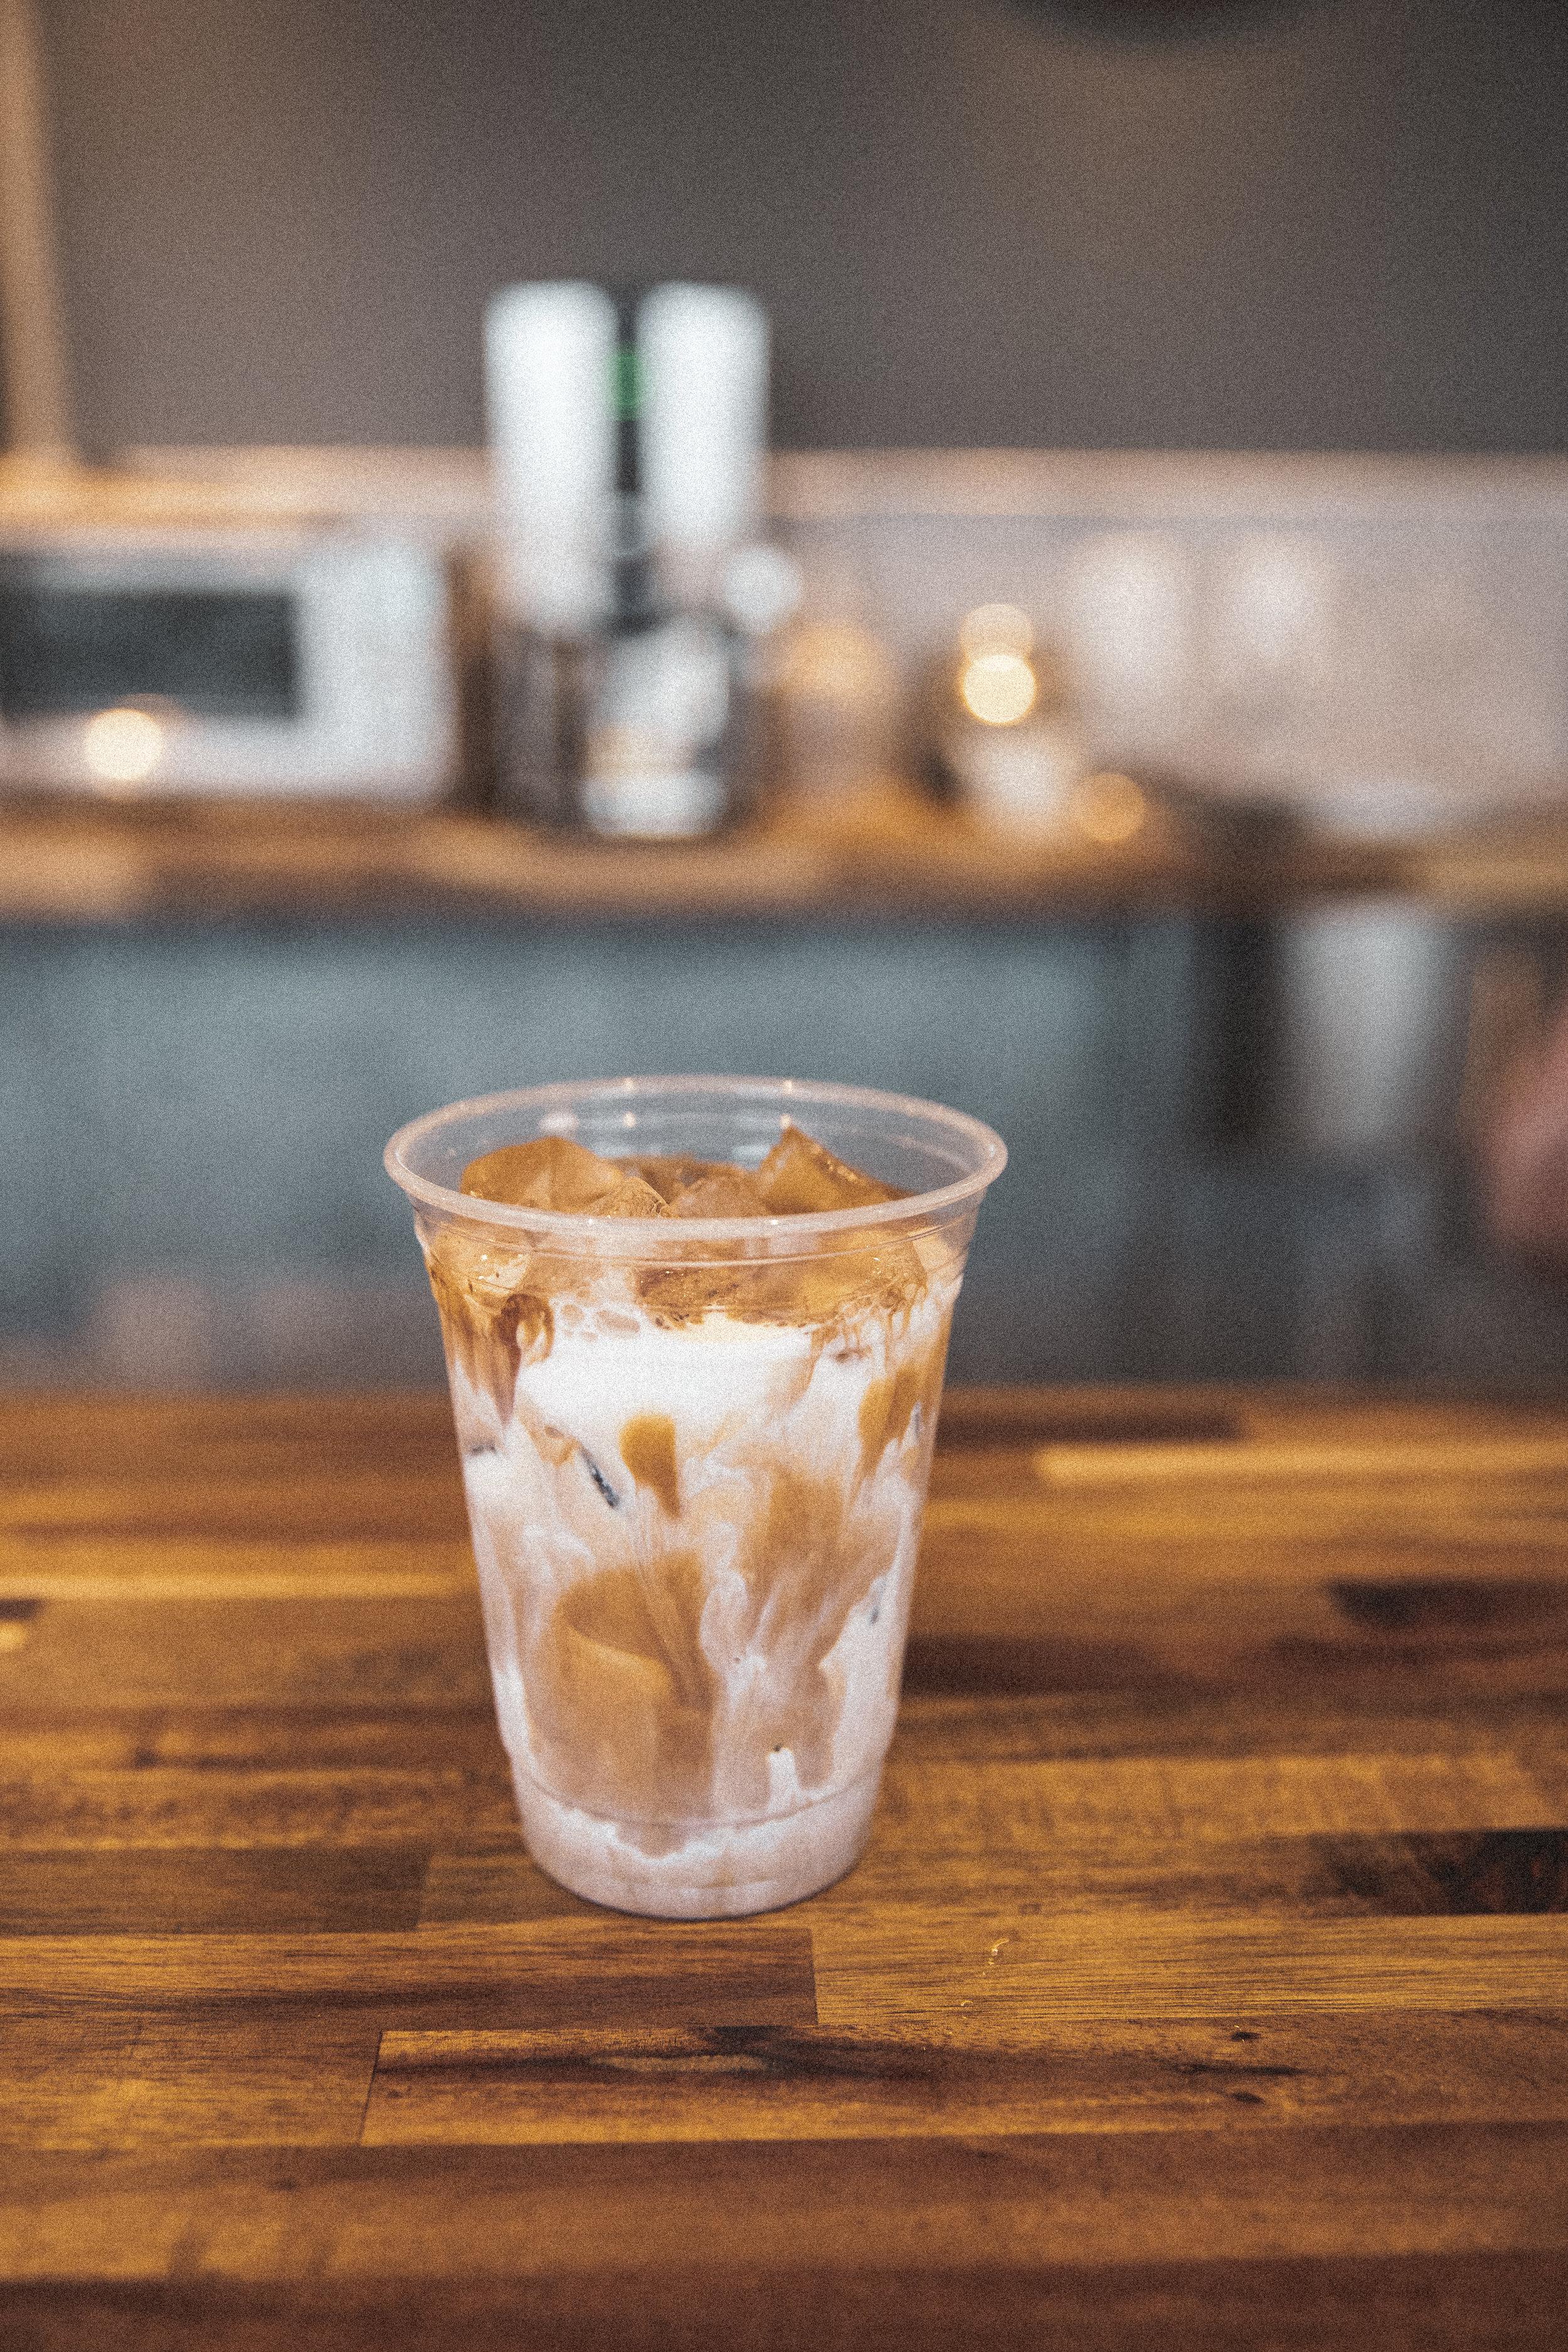 coffeeshop-photography-9I0657.jpg